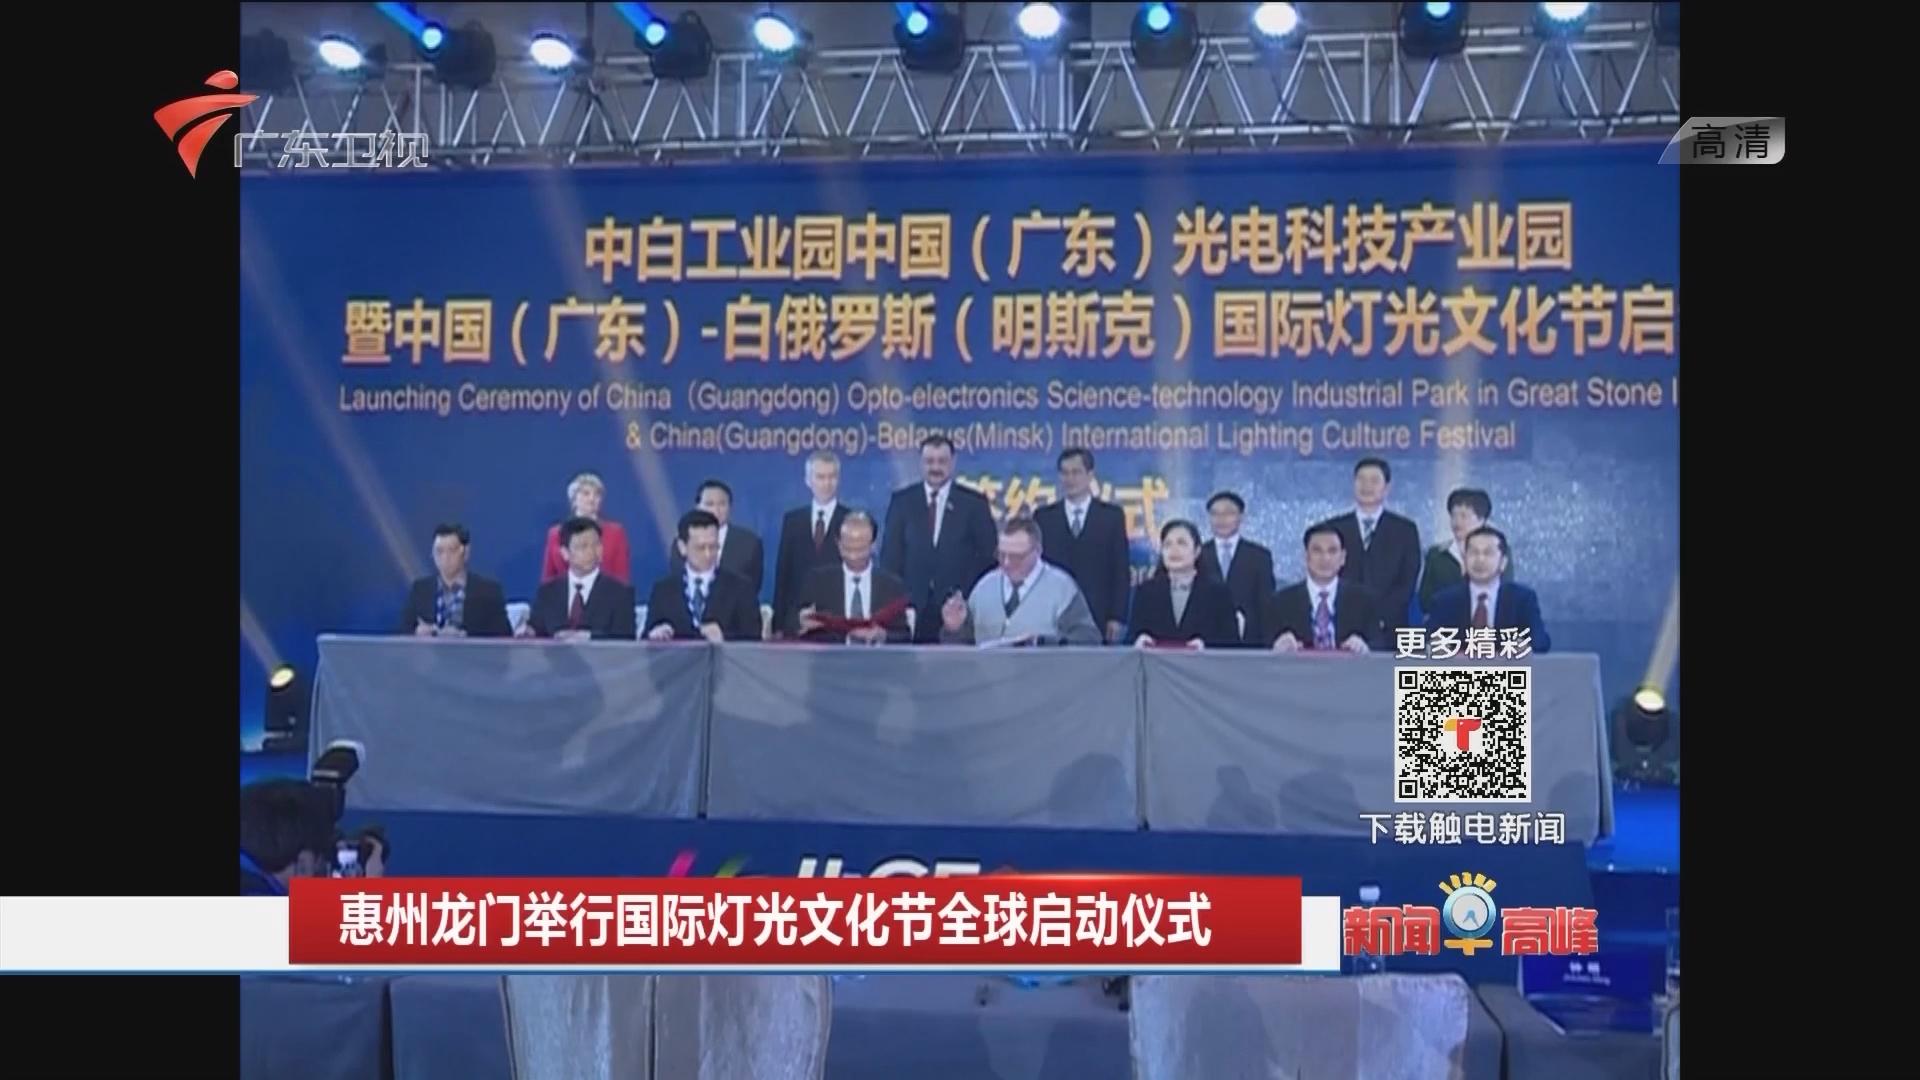 惠州龙门举行国际灯光文化节全球启动仪式